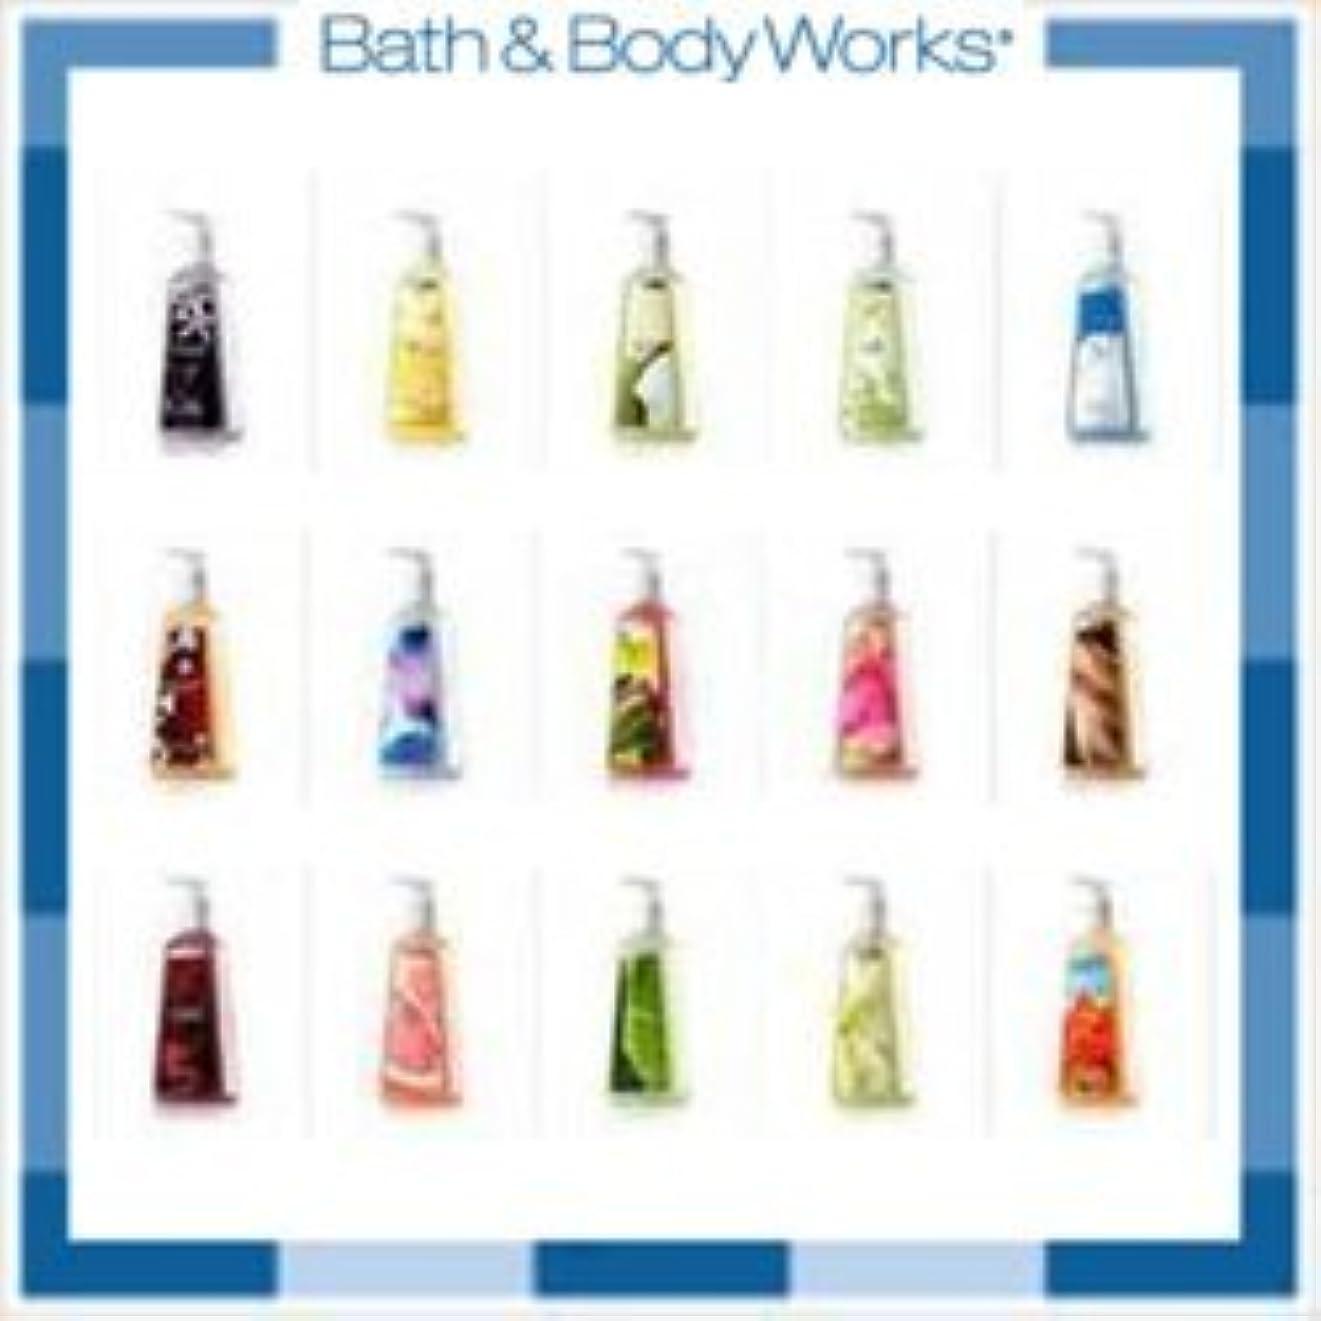 電気的外科医おBath and Body Works ハンドソープ ディープクレンジング 12本詰め合わせセット[海外直送品]